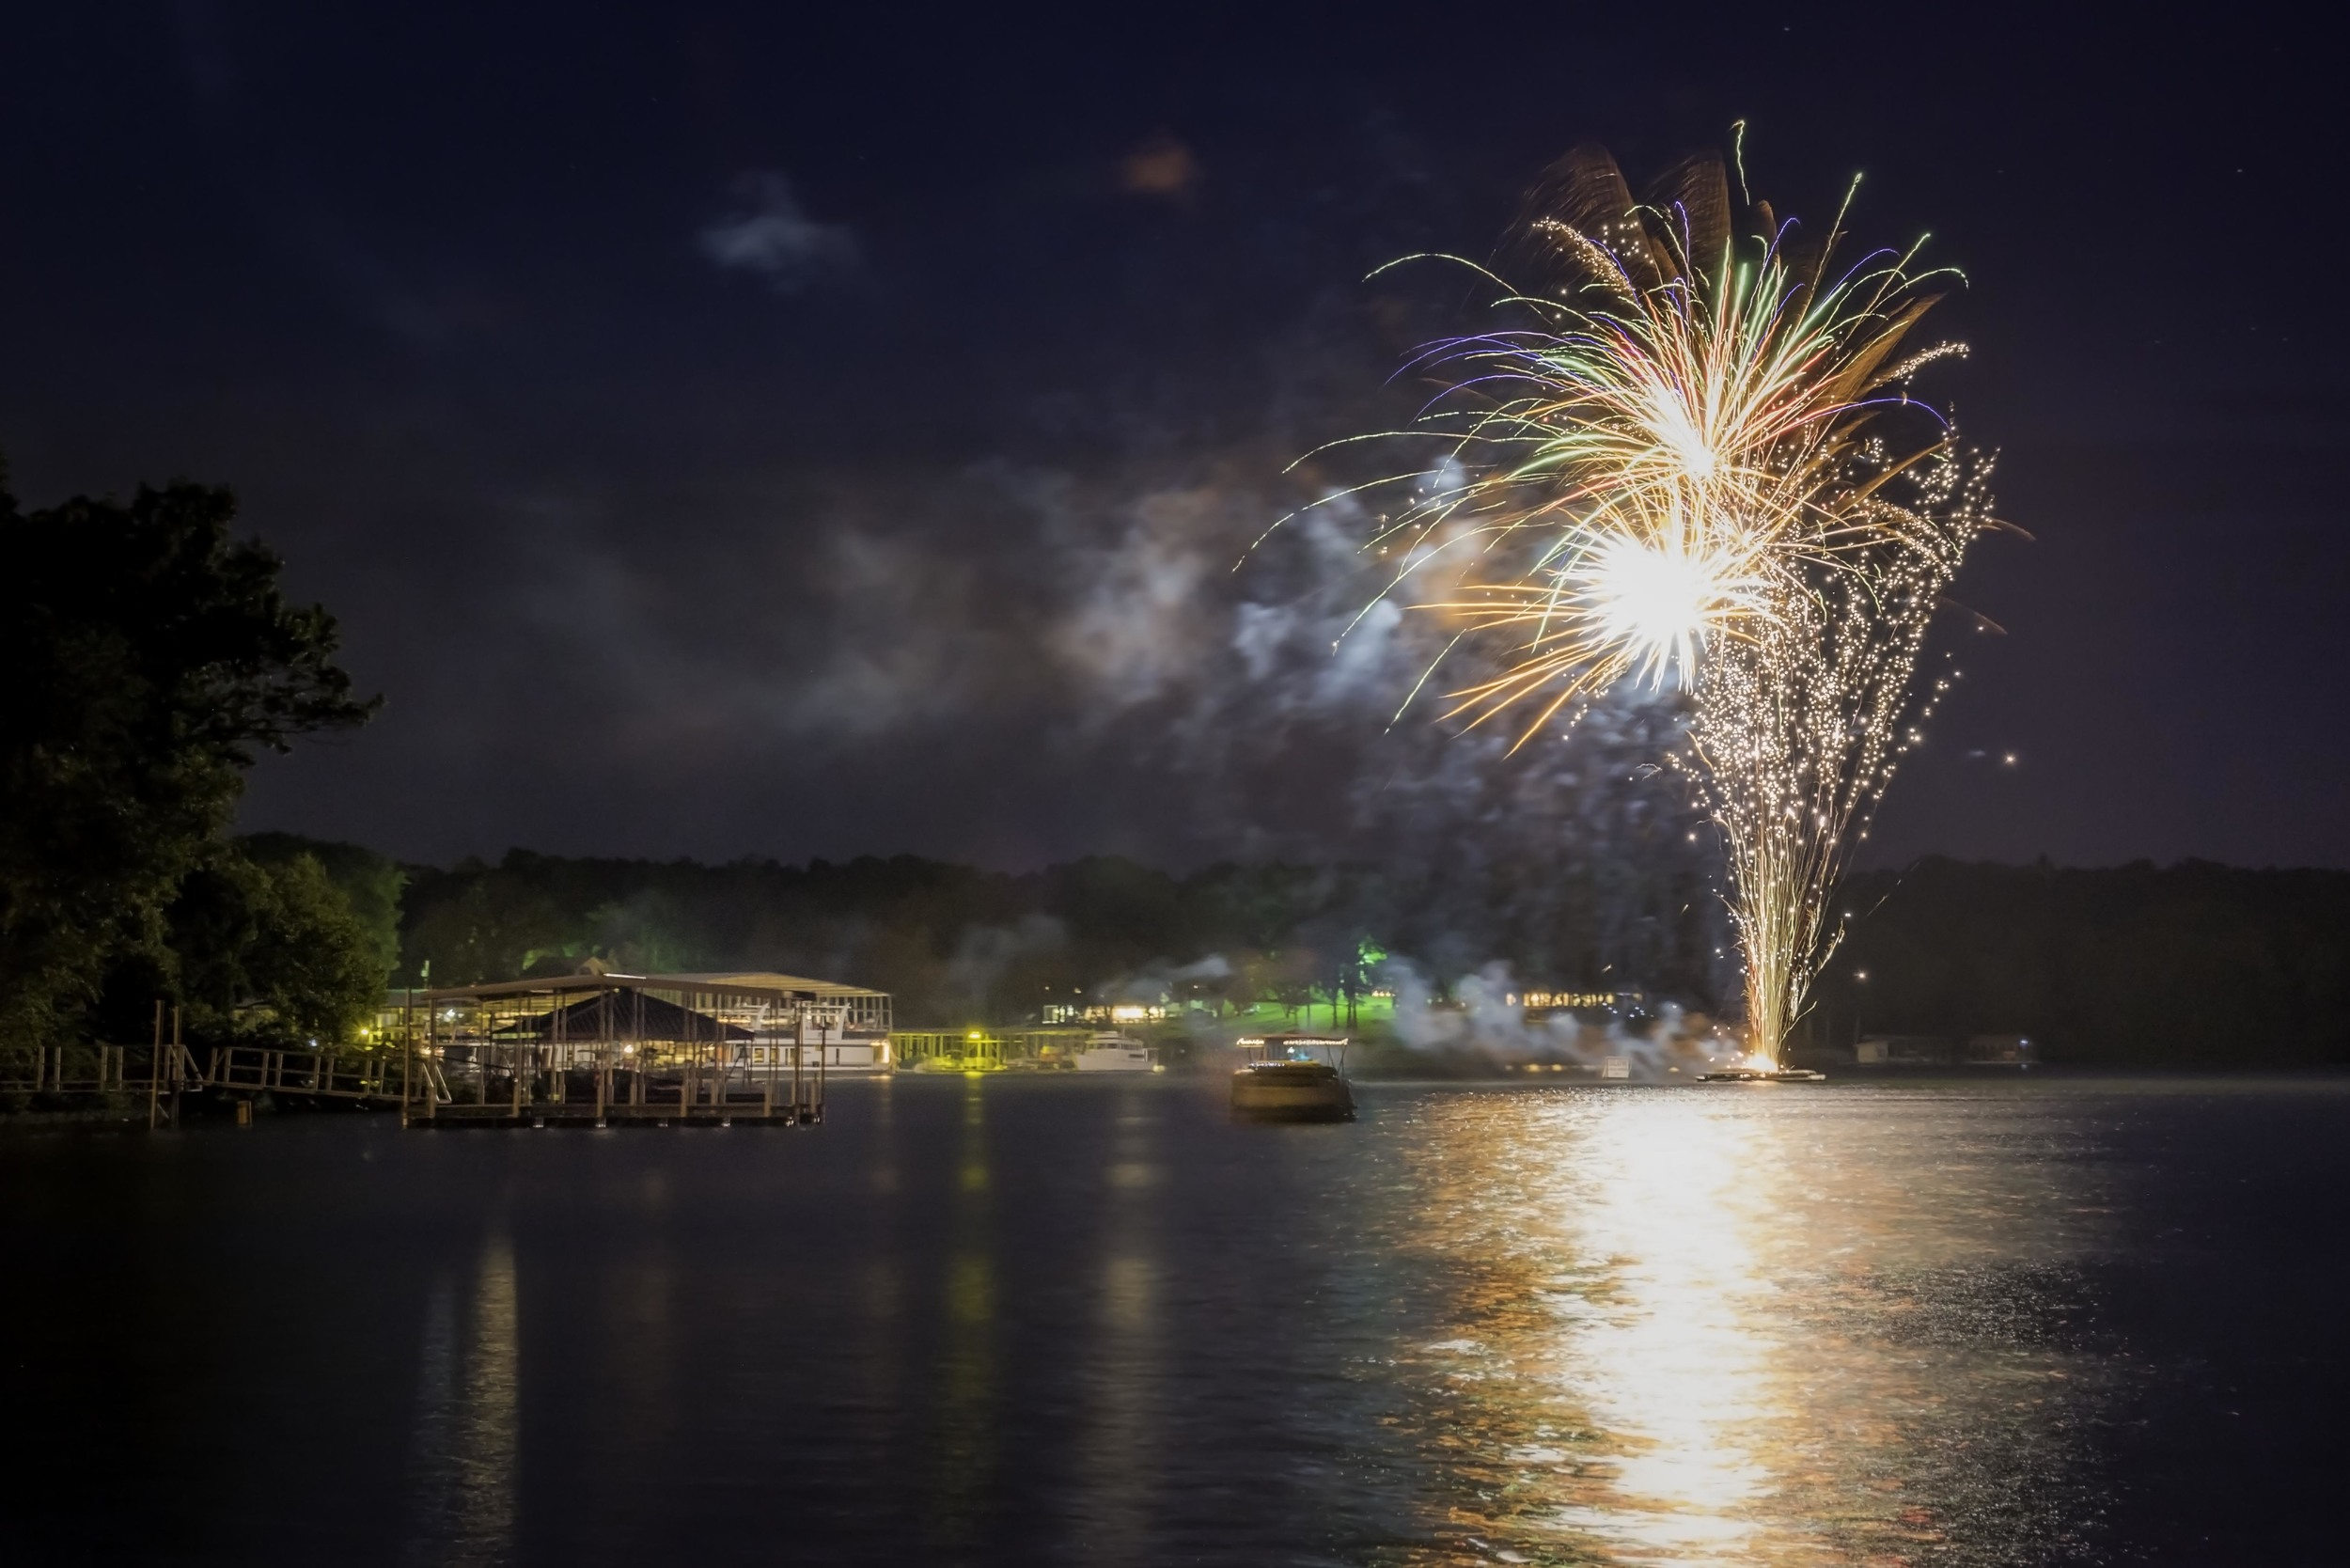 Cypress Bay on Kentucky Lake, July 4, 2016